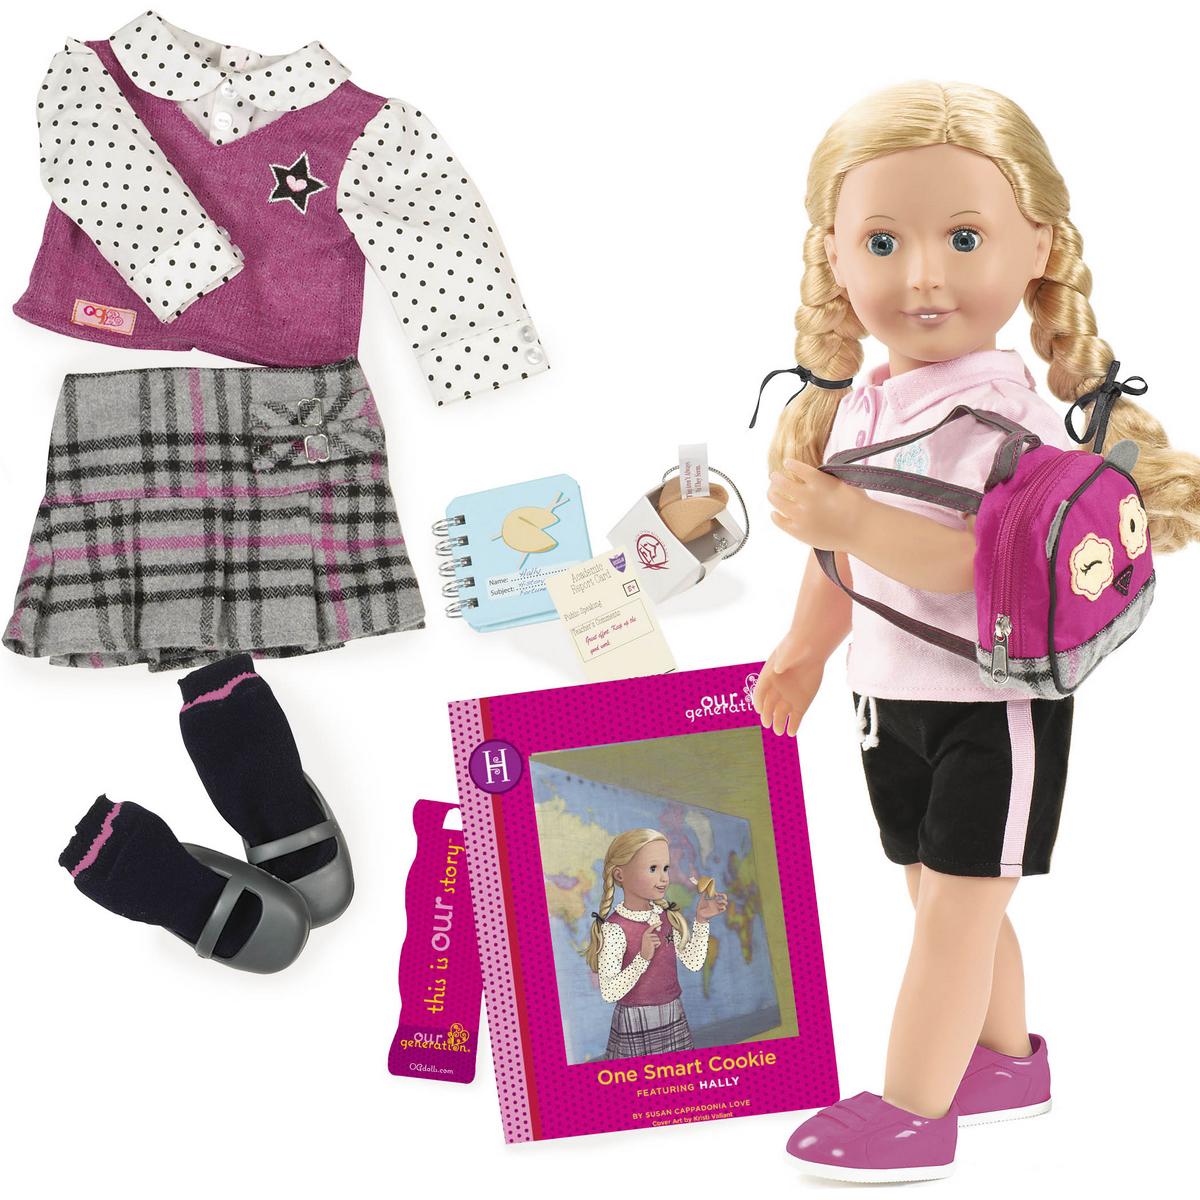 Our Generation Кукла Холли с книгой Печенье с предсказанием для умницы our generation dolls кукла делюкс 46 см холли и печенье с предсказанием для умницы